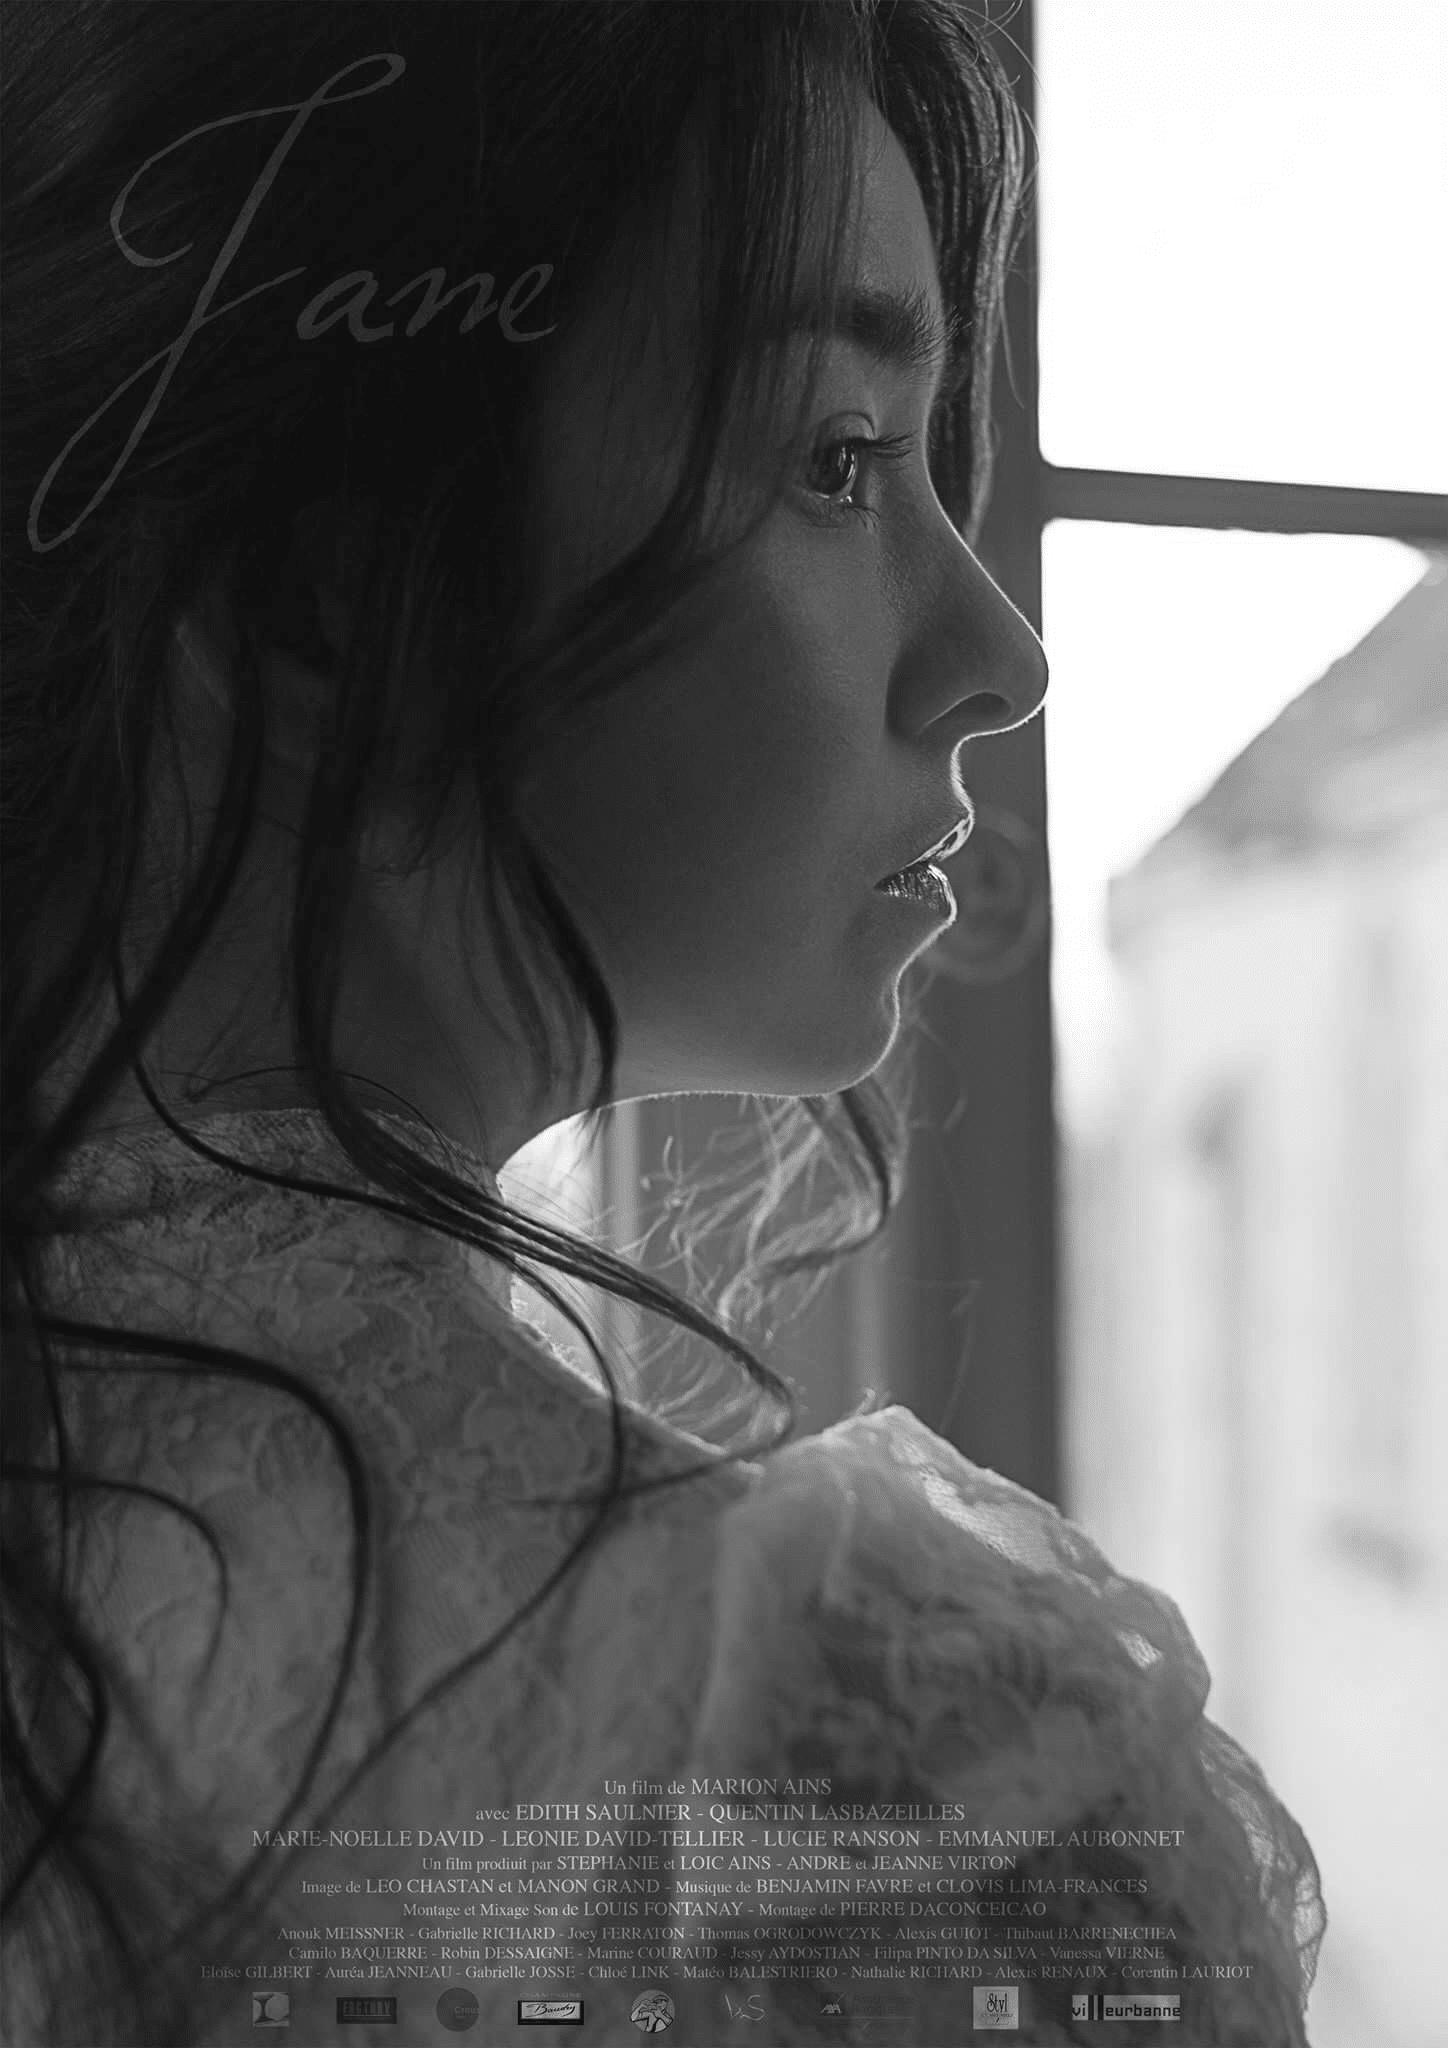 Jane Eyre _ Marion Ains - Réalisatrice